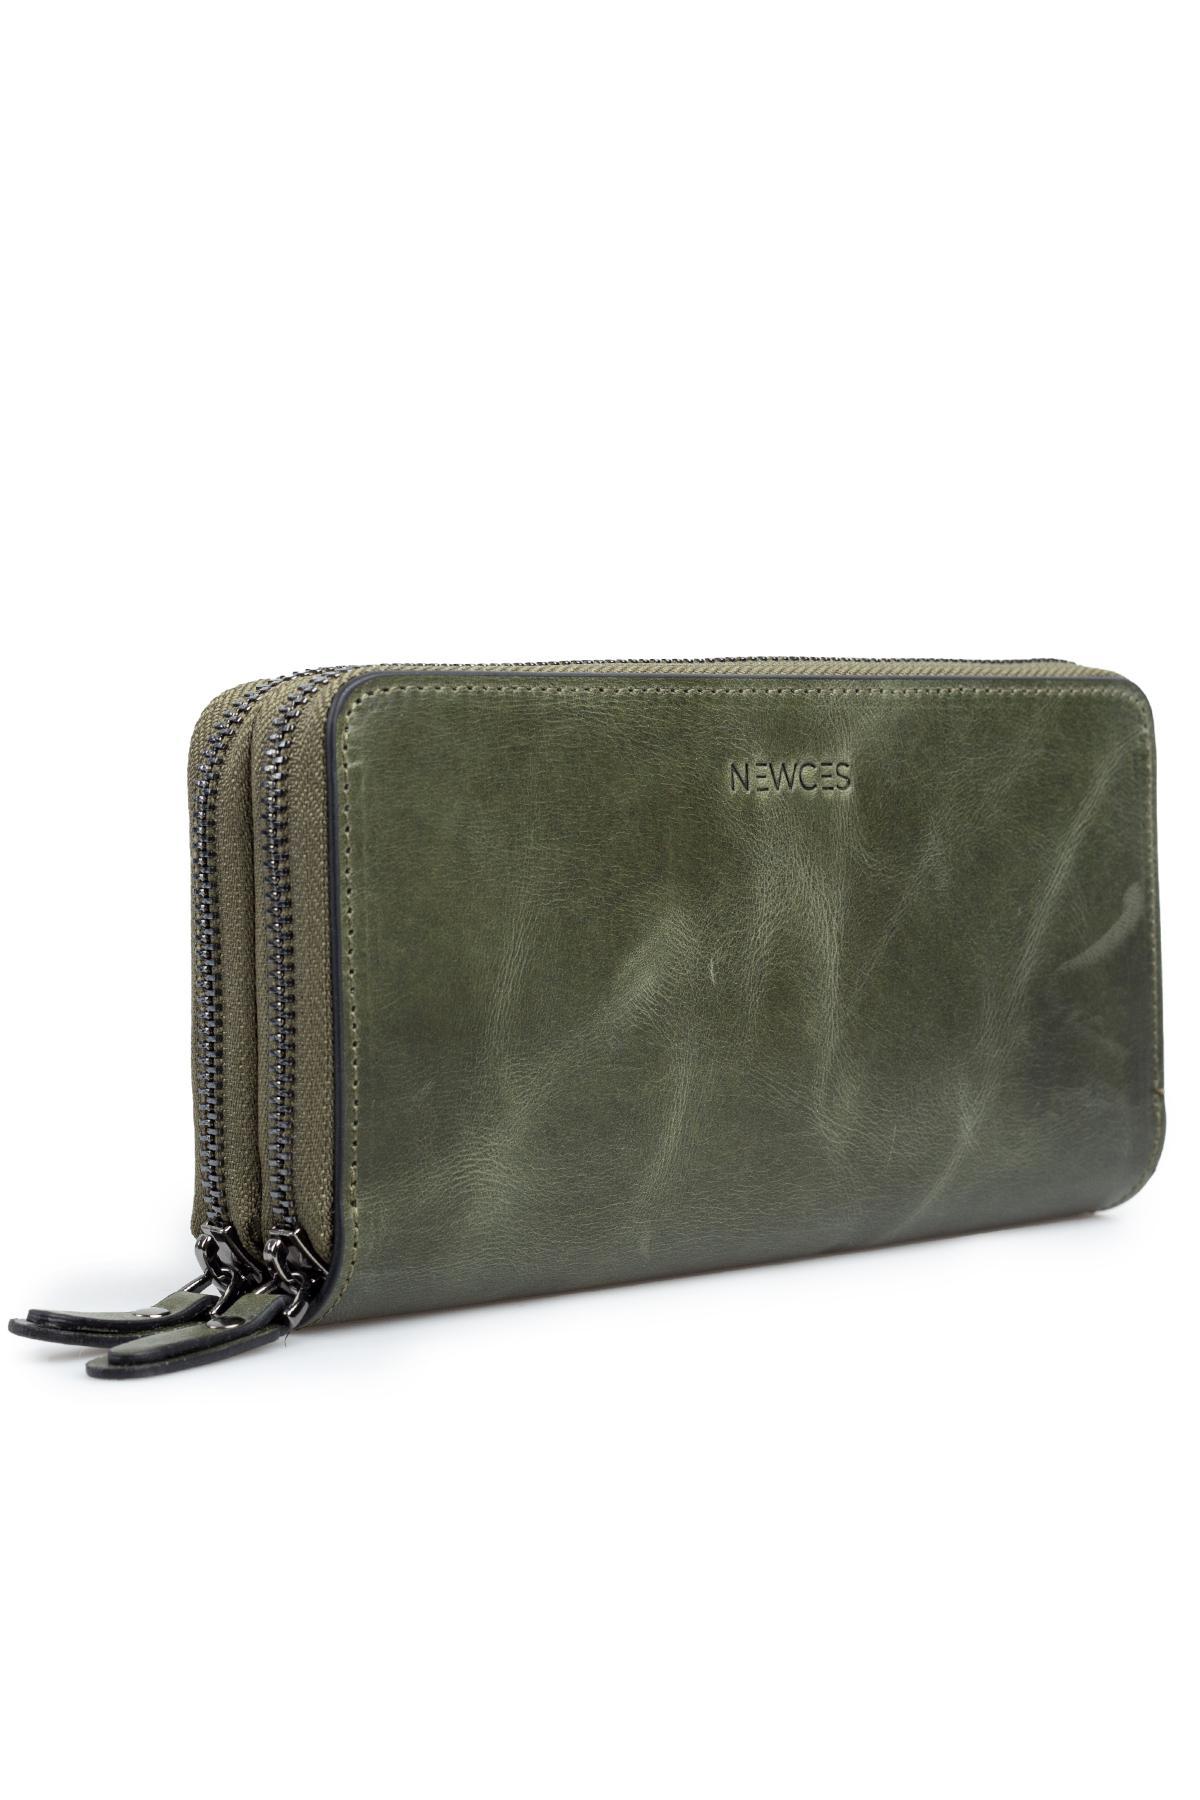 Double Zipper Money Portfolio Bag newces-007-GR